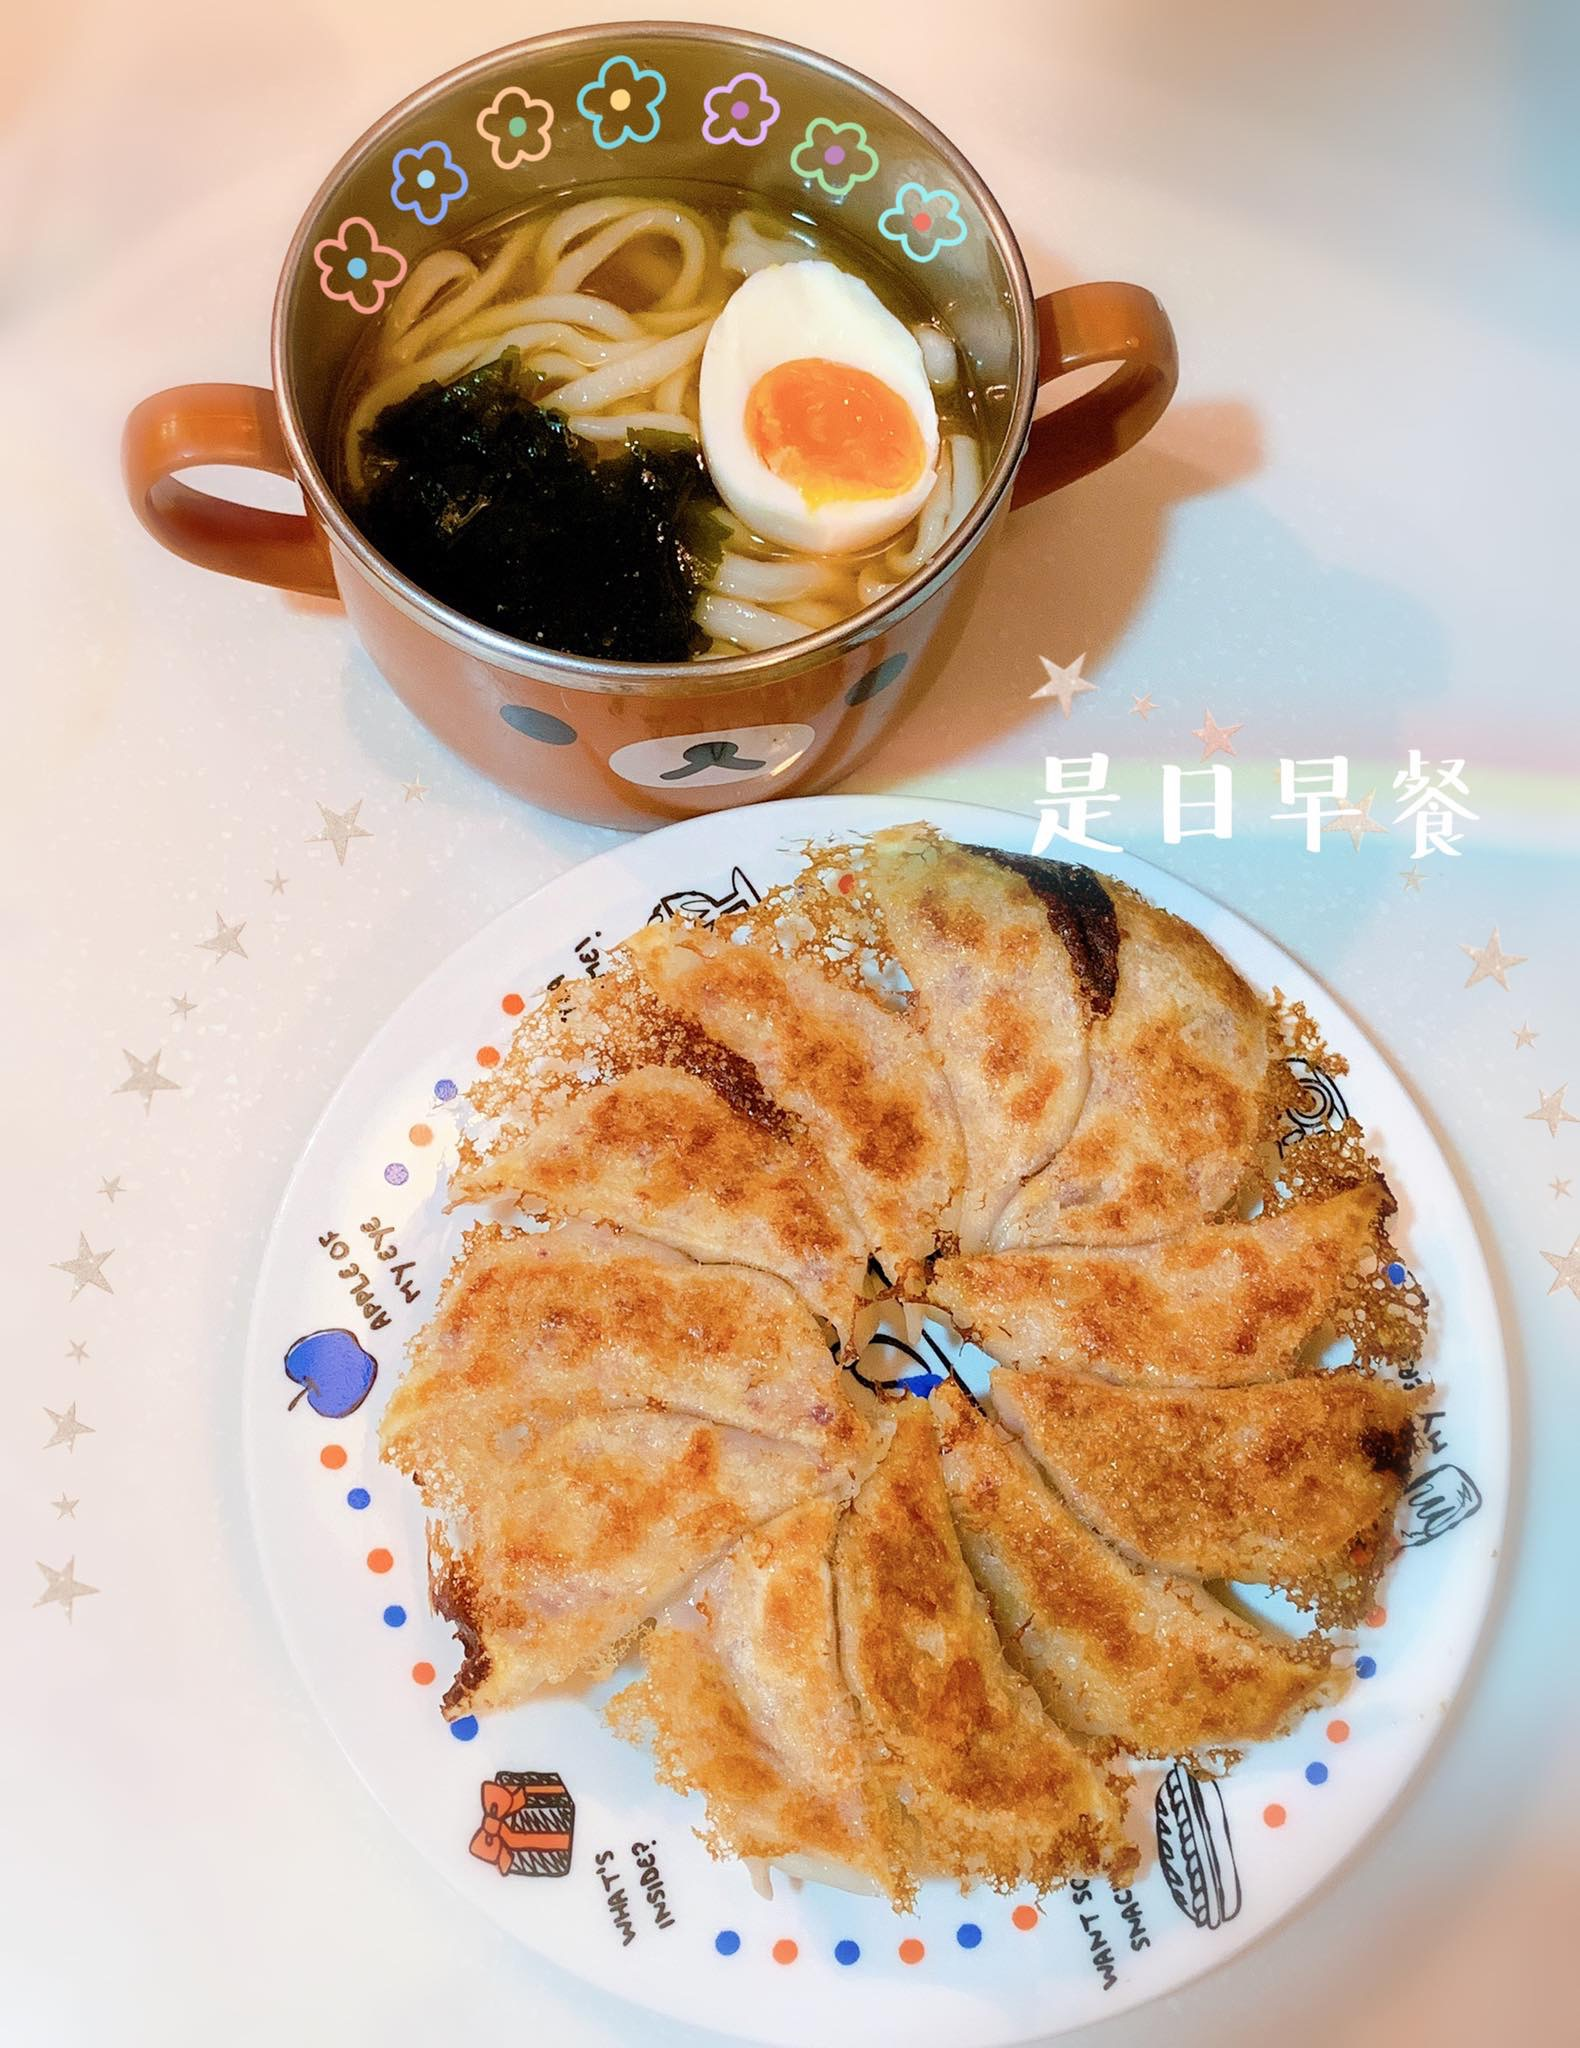 倩揚開live親自示範,僅用半小時做咗bb餃子及日式湯烏冬畀家人做早餐。